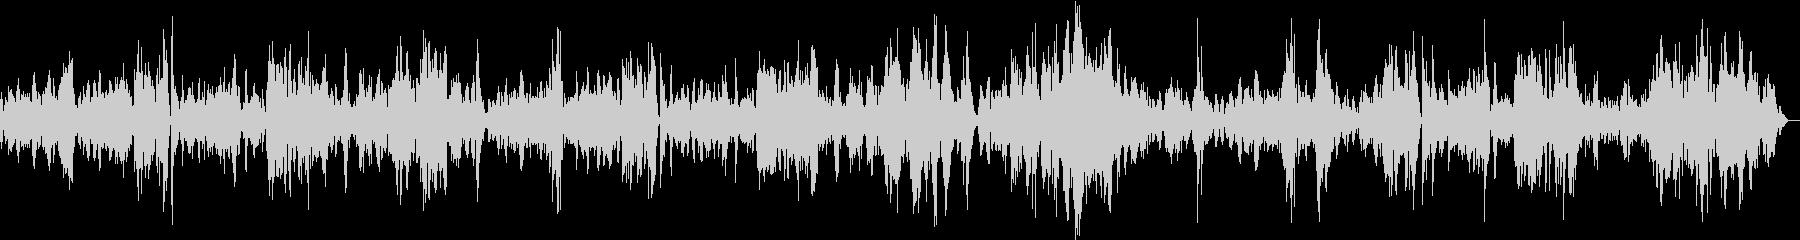 モーツァルトピアノソナタK333第1楽章の未再生の波形